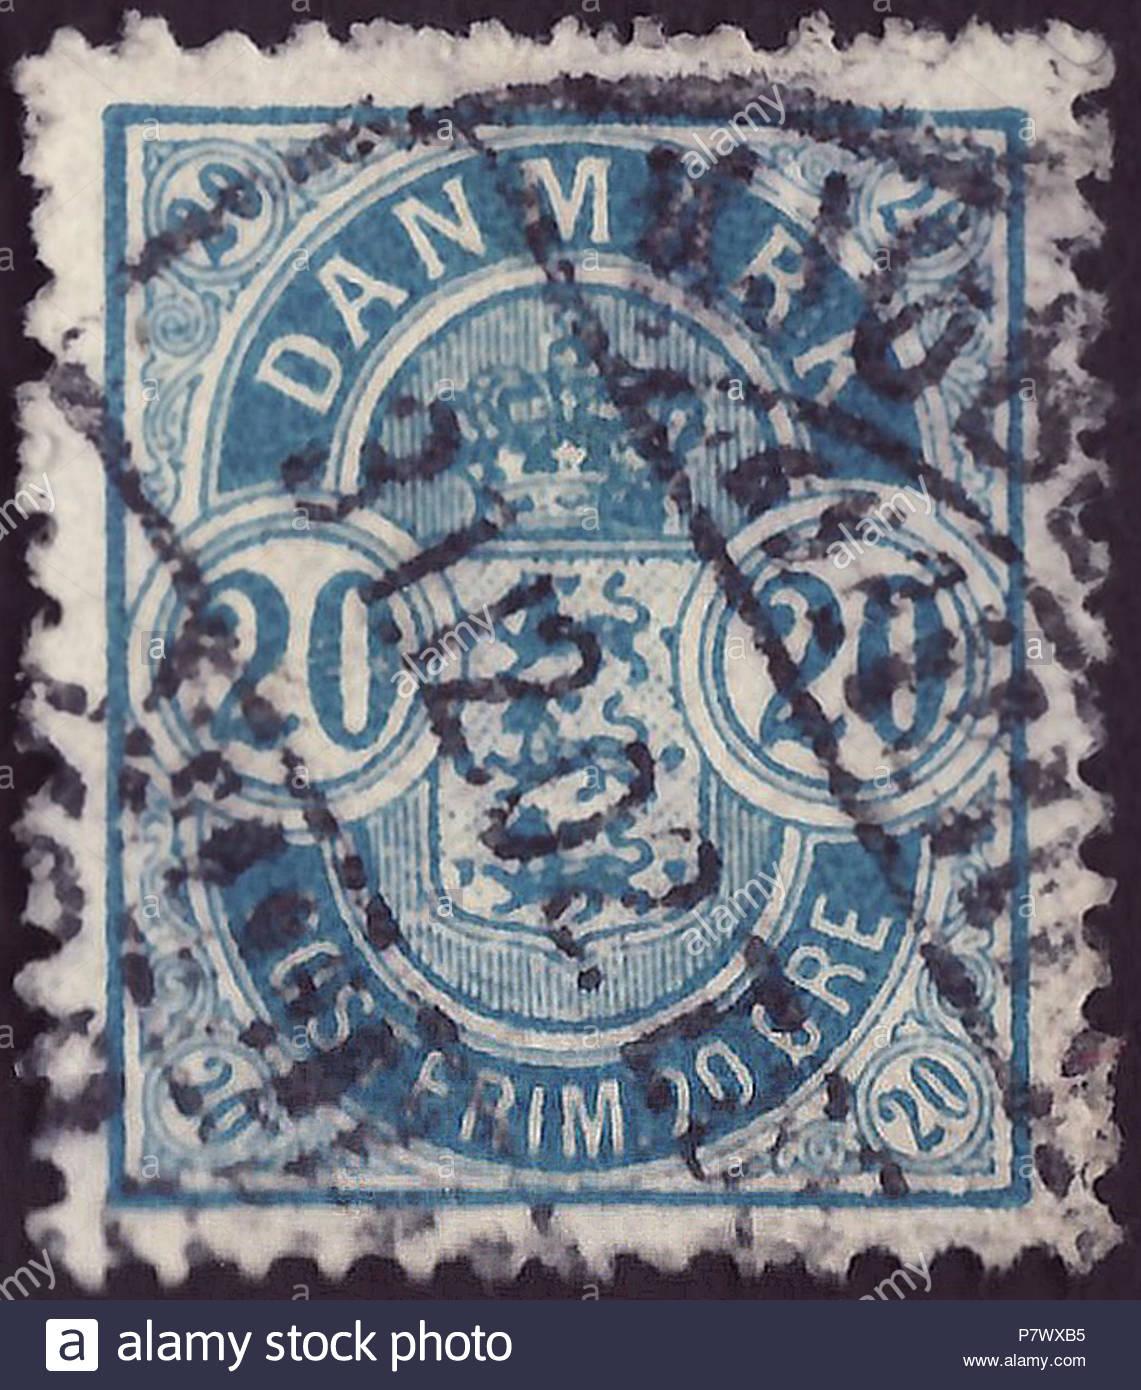 Cachet Du Royaume De Danemark ; 1895 ; Timbre De L'émission tout Dessin Chiffre Romain